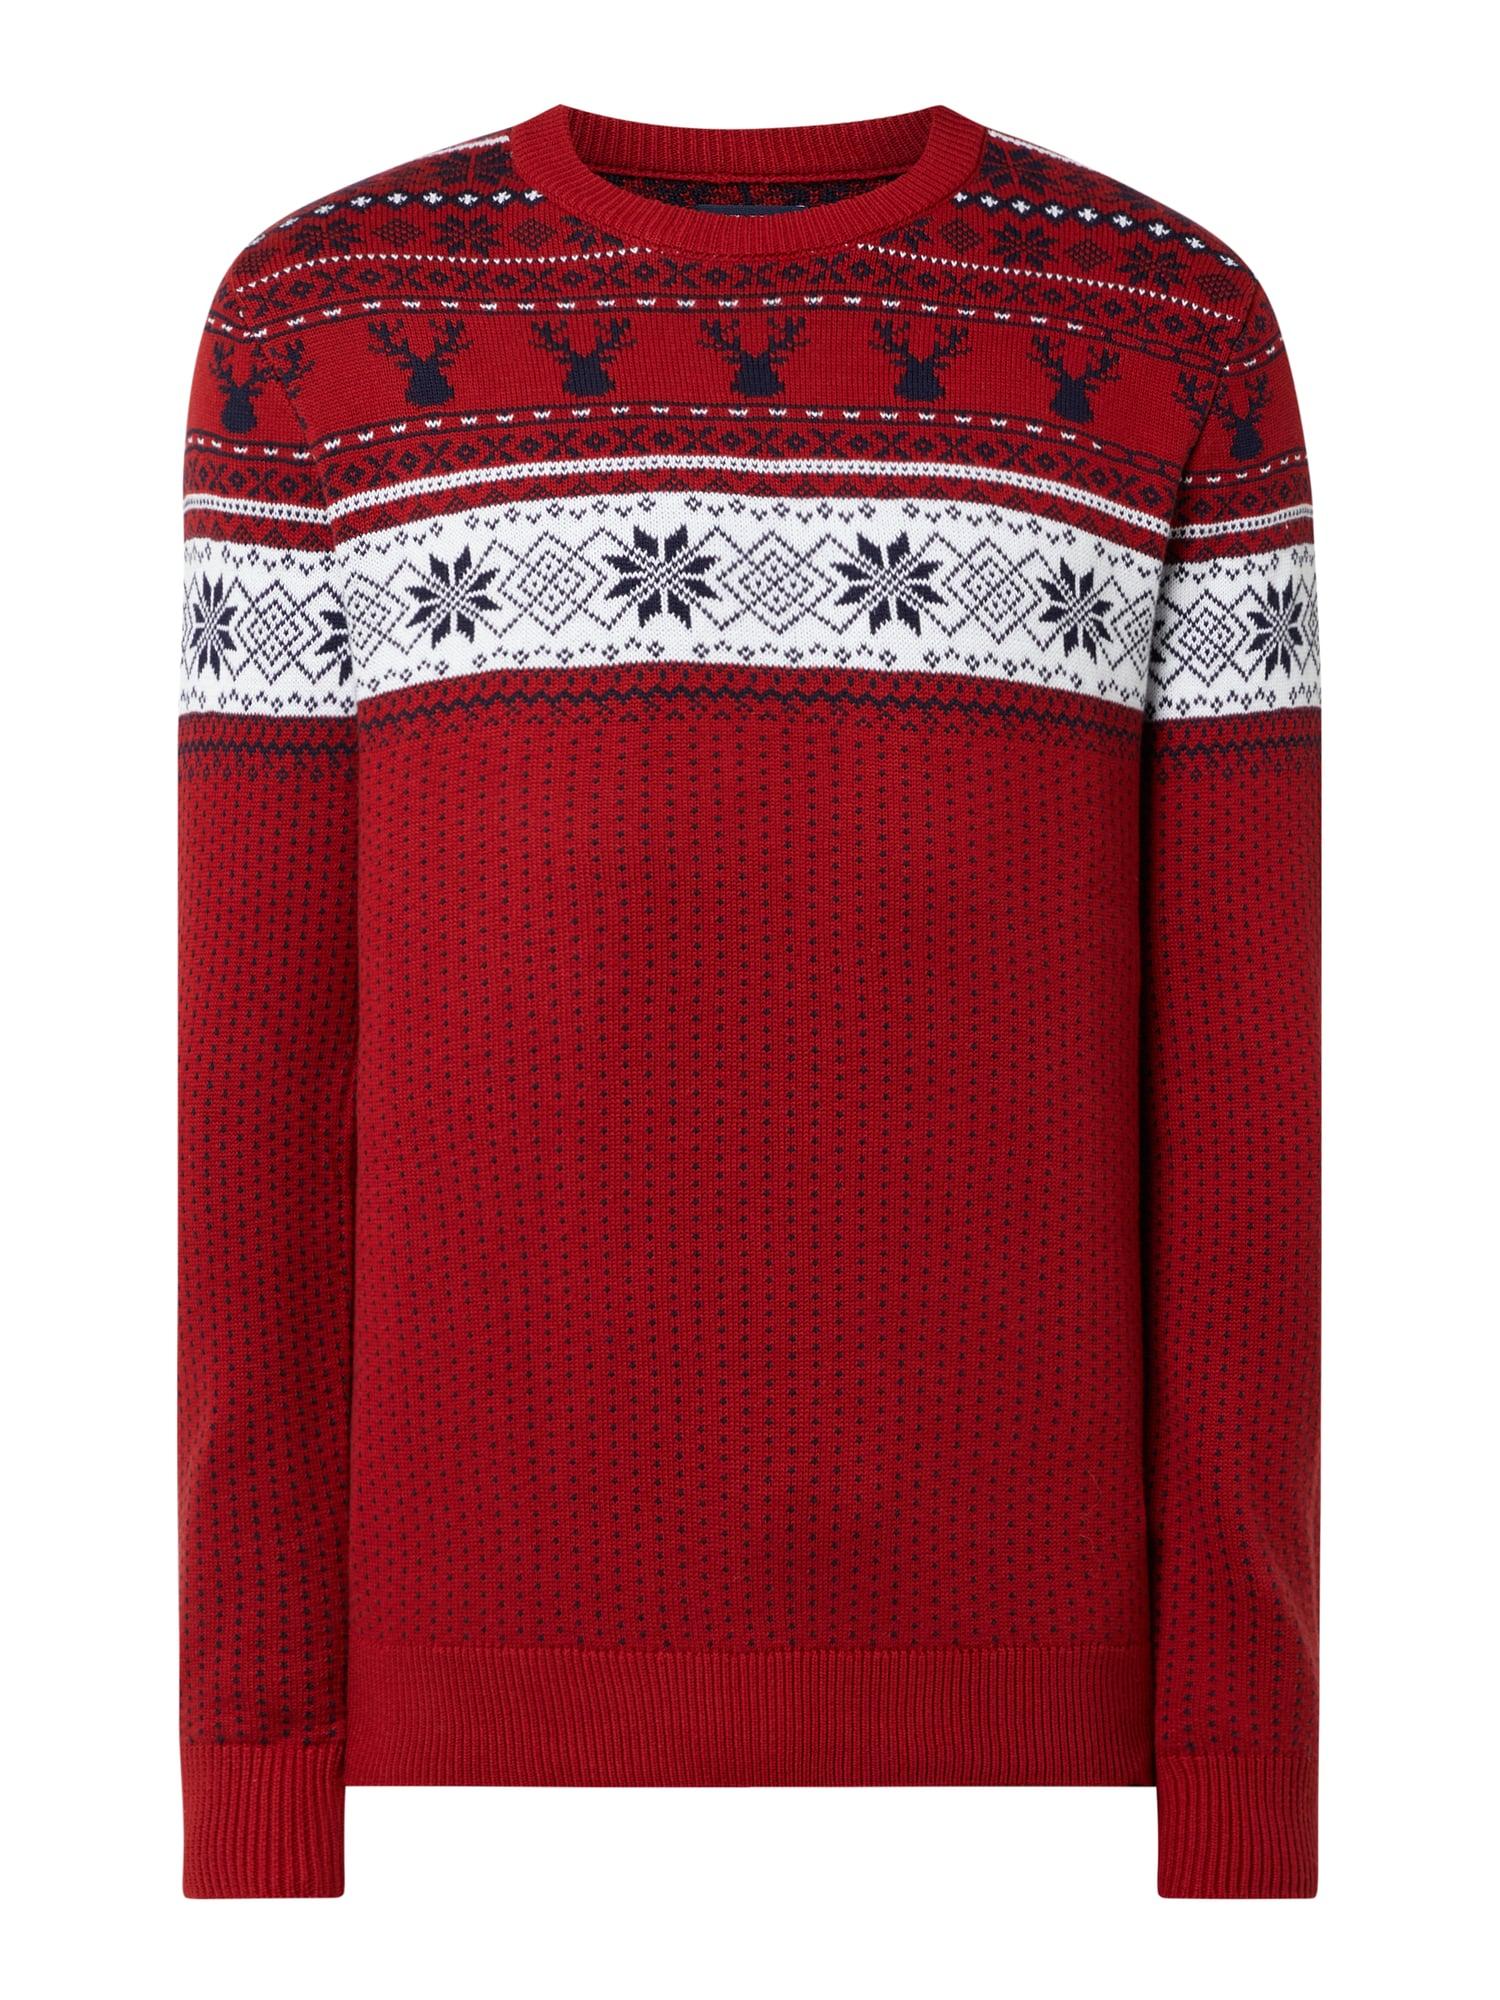 Weihnachtspullover 100% Baumwolle Gestrickt (auch in Dunkelgrün)